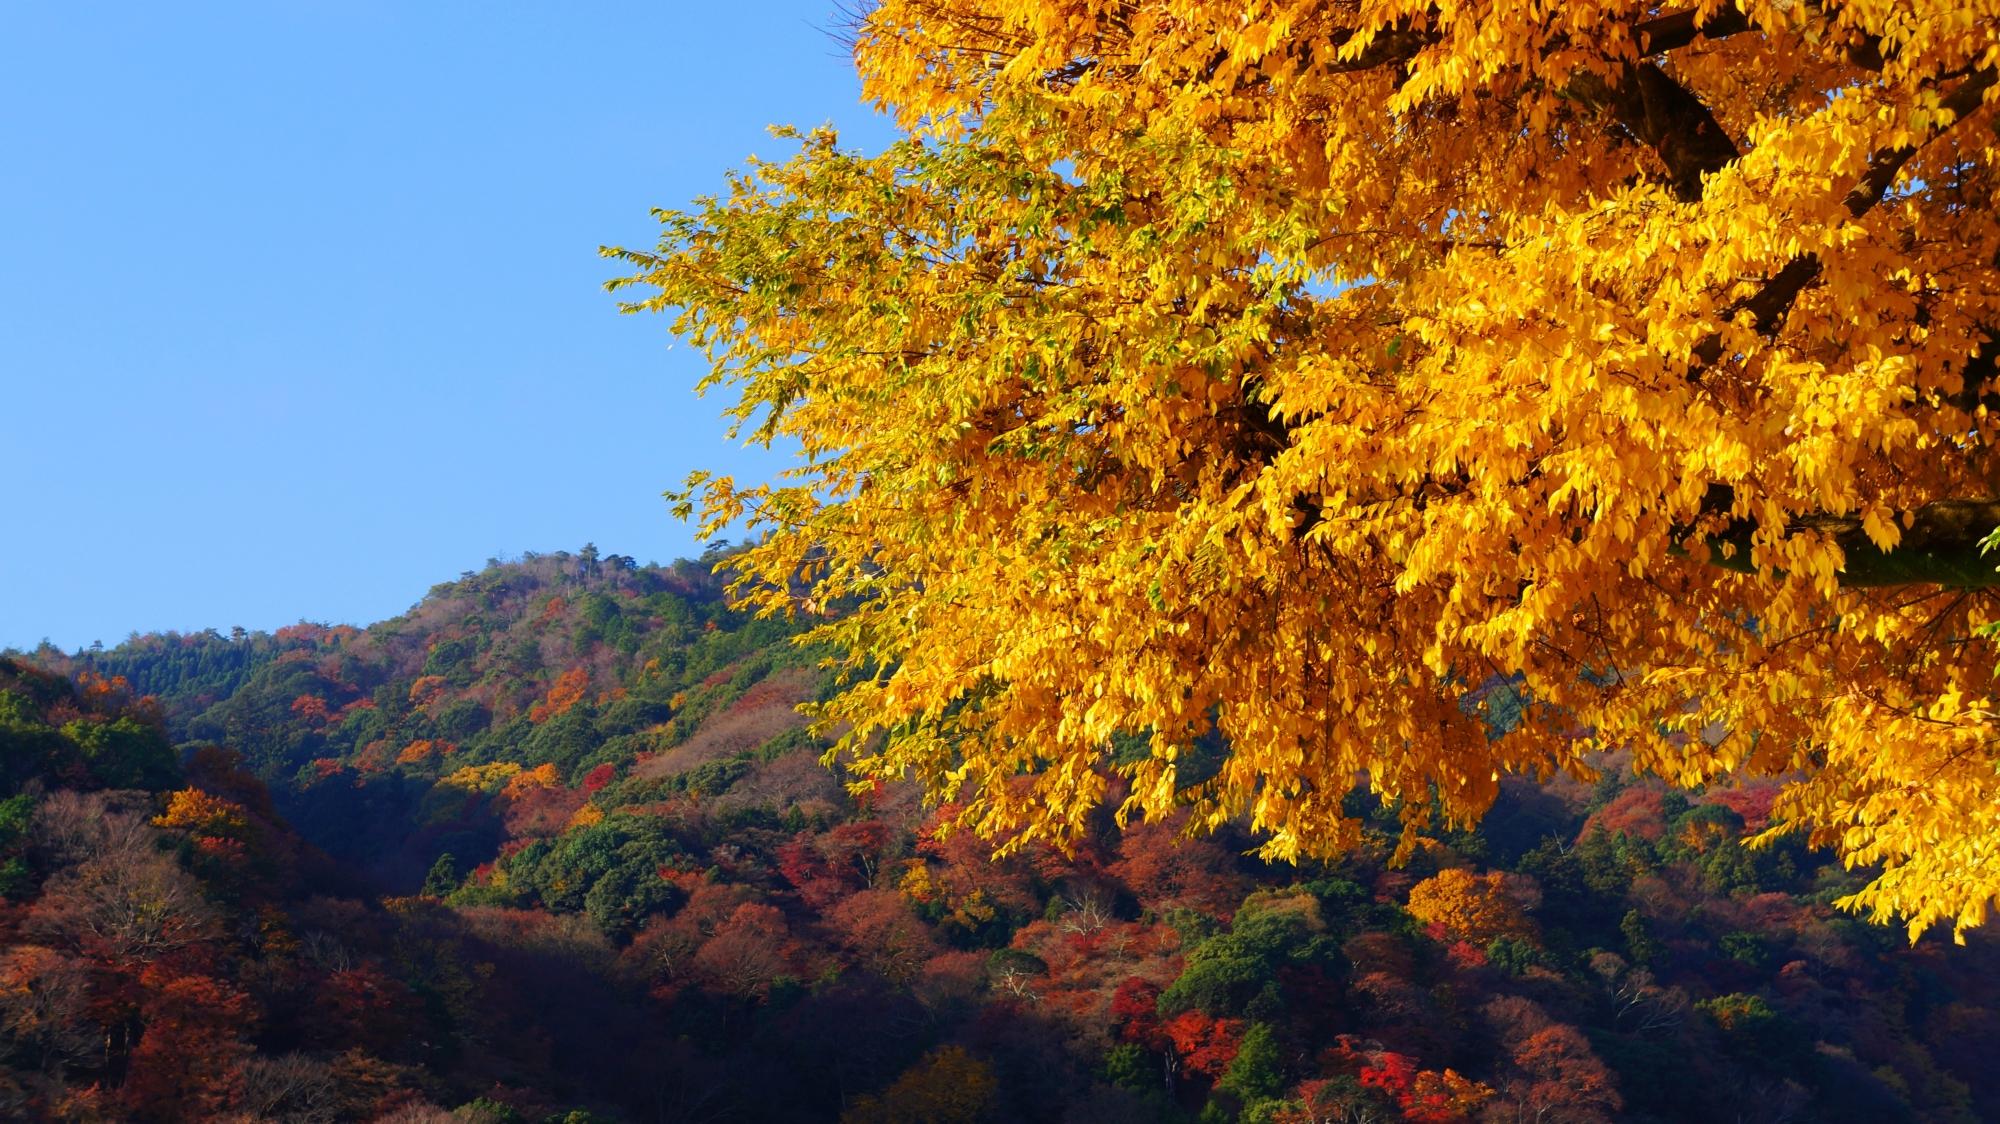 秋の嵐山を彩る太陽を浴びて煌く黄色い紅葉